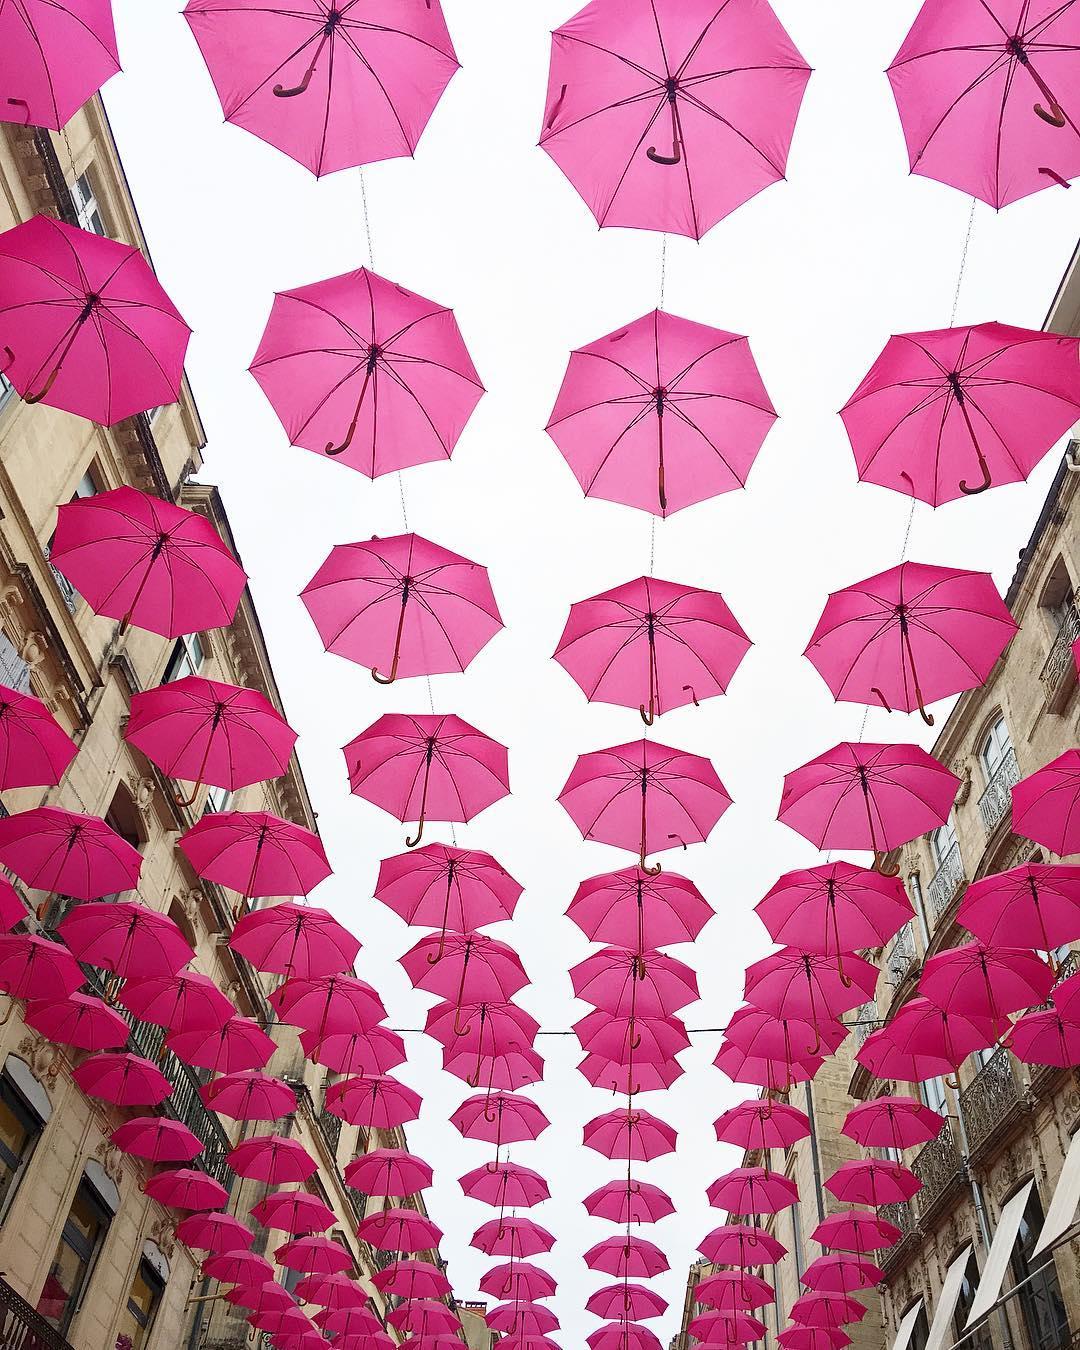 Octobre Rose à Montpellier, mois de sensibilisation au dépistage du cancer du sein ! Grâce aux avancées thérapeutiques et avec un diagnostic précoce, le cancer du sein peut être évité dans 9 cas sur 10 ! . _____________________ #depistage #octobrerose #octobrerose2017 #cancerdusein #montpellier #pintademontpellier #travel #travelblog #blogtravel #bloggertravel #voyage #occitanie #instamontpellier #visitmontpellier